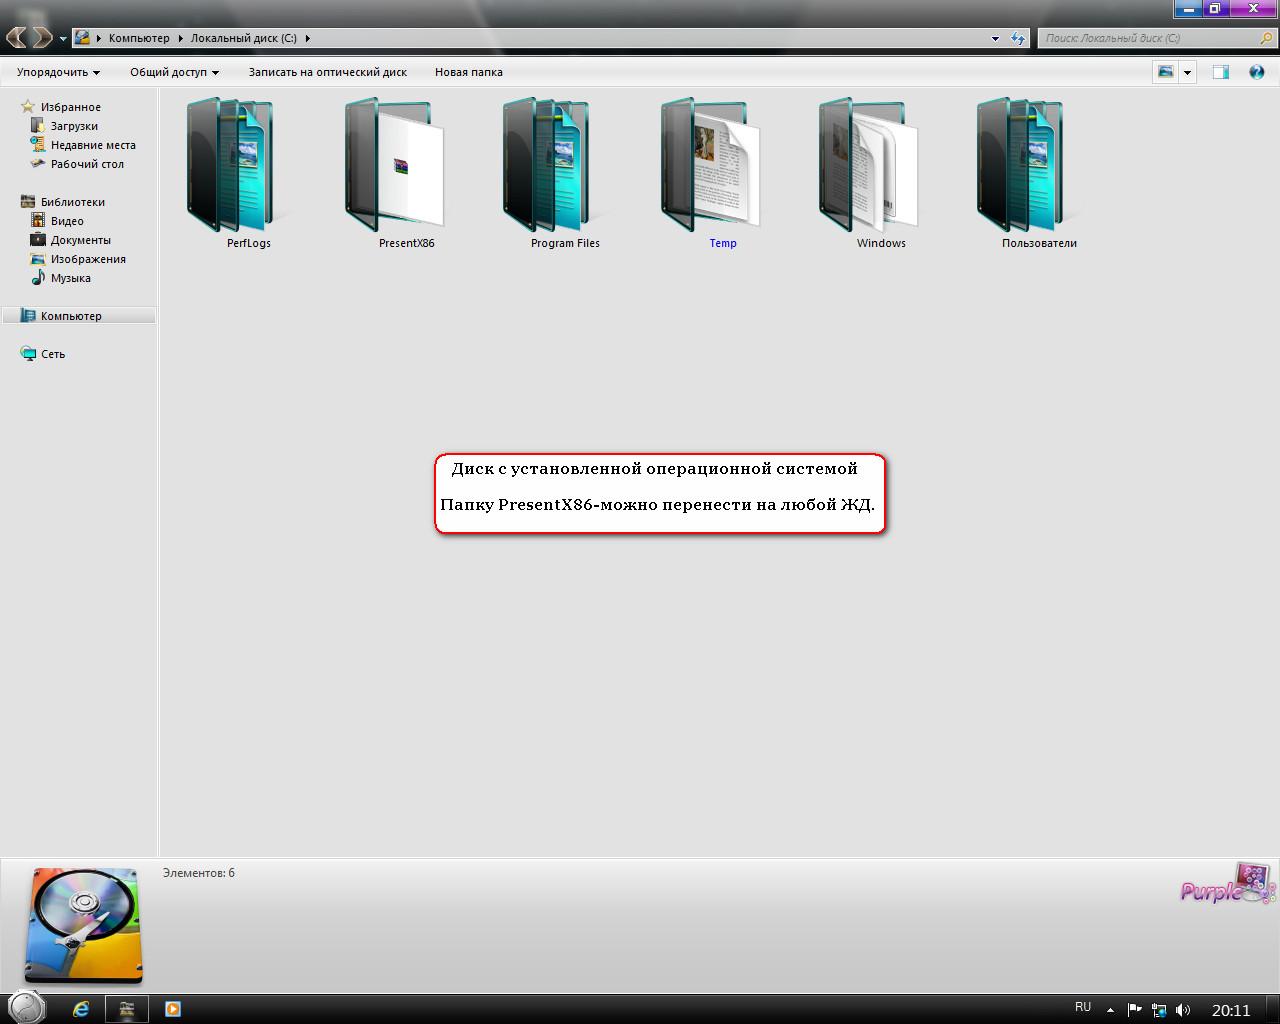 Скачать Windows 7 ISO торрент